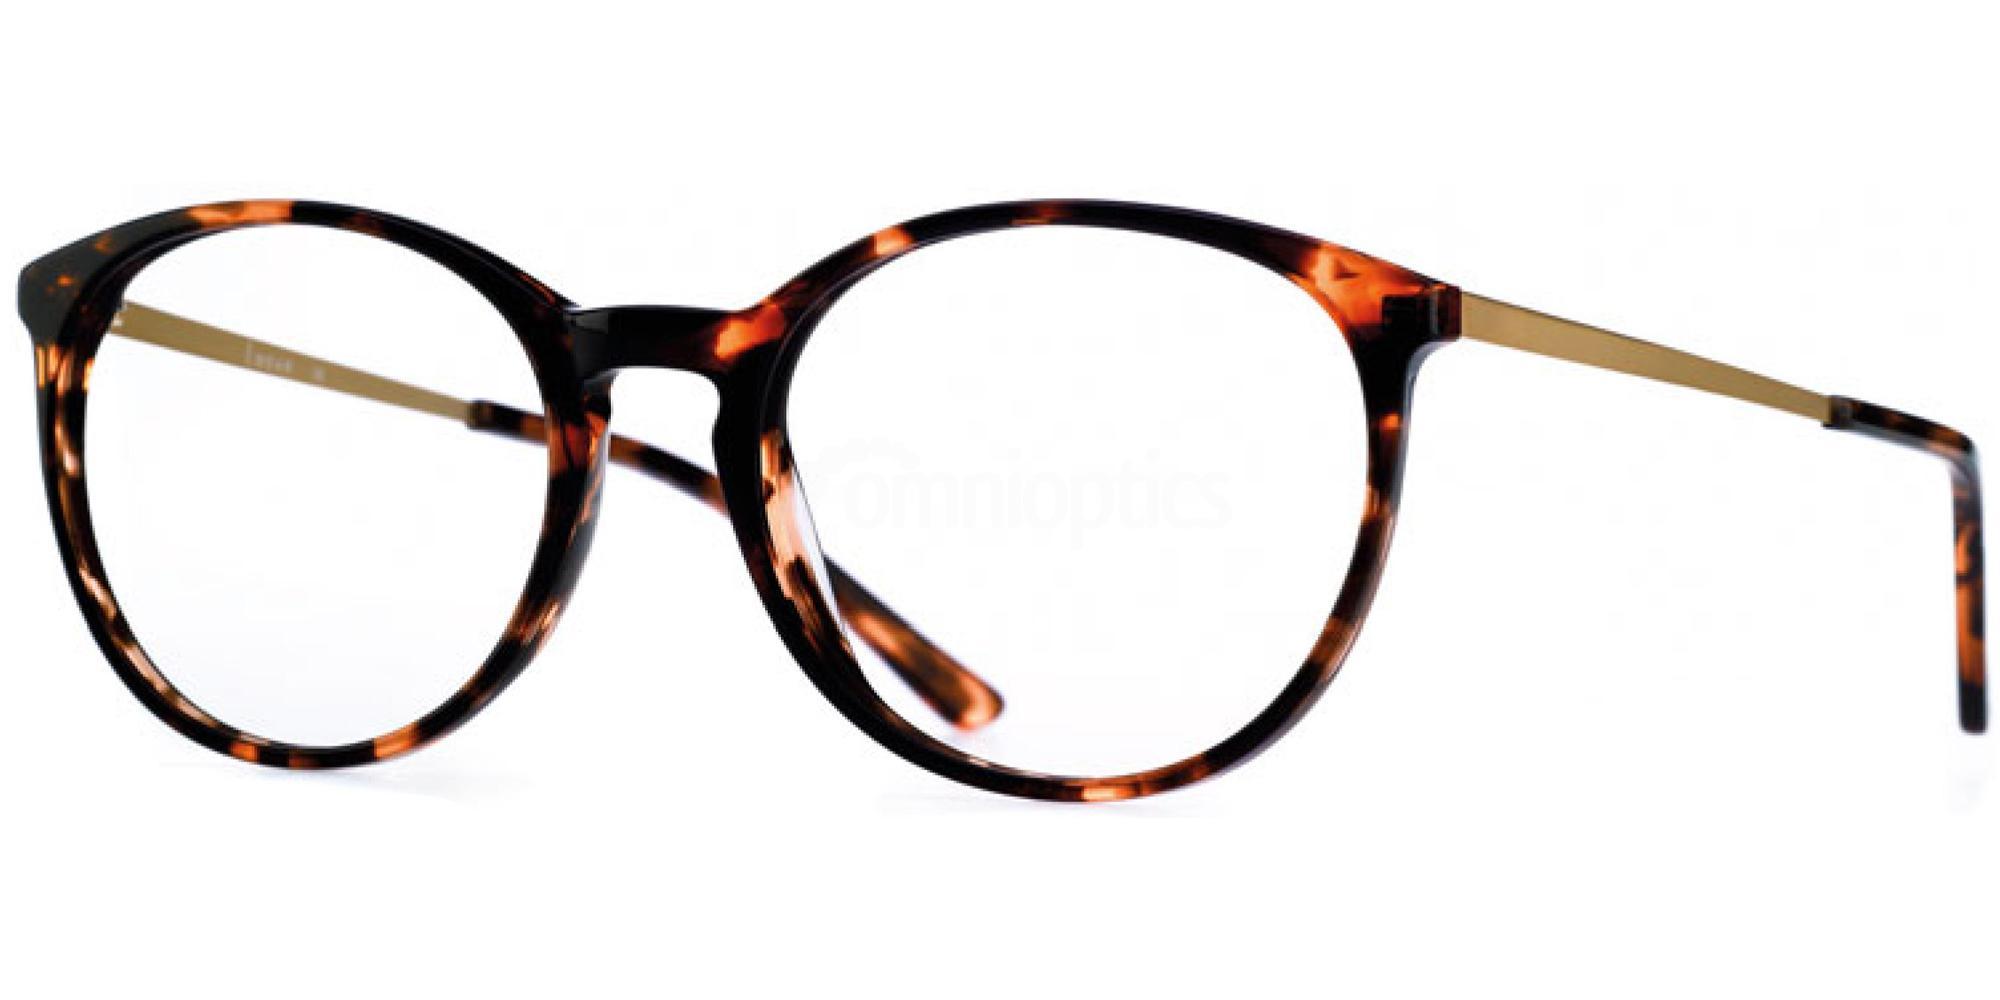 C1 i Wear 5083 Glasses, i Wear